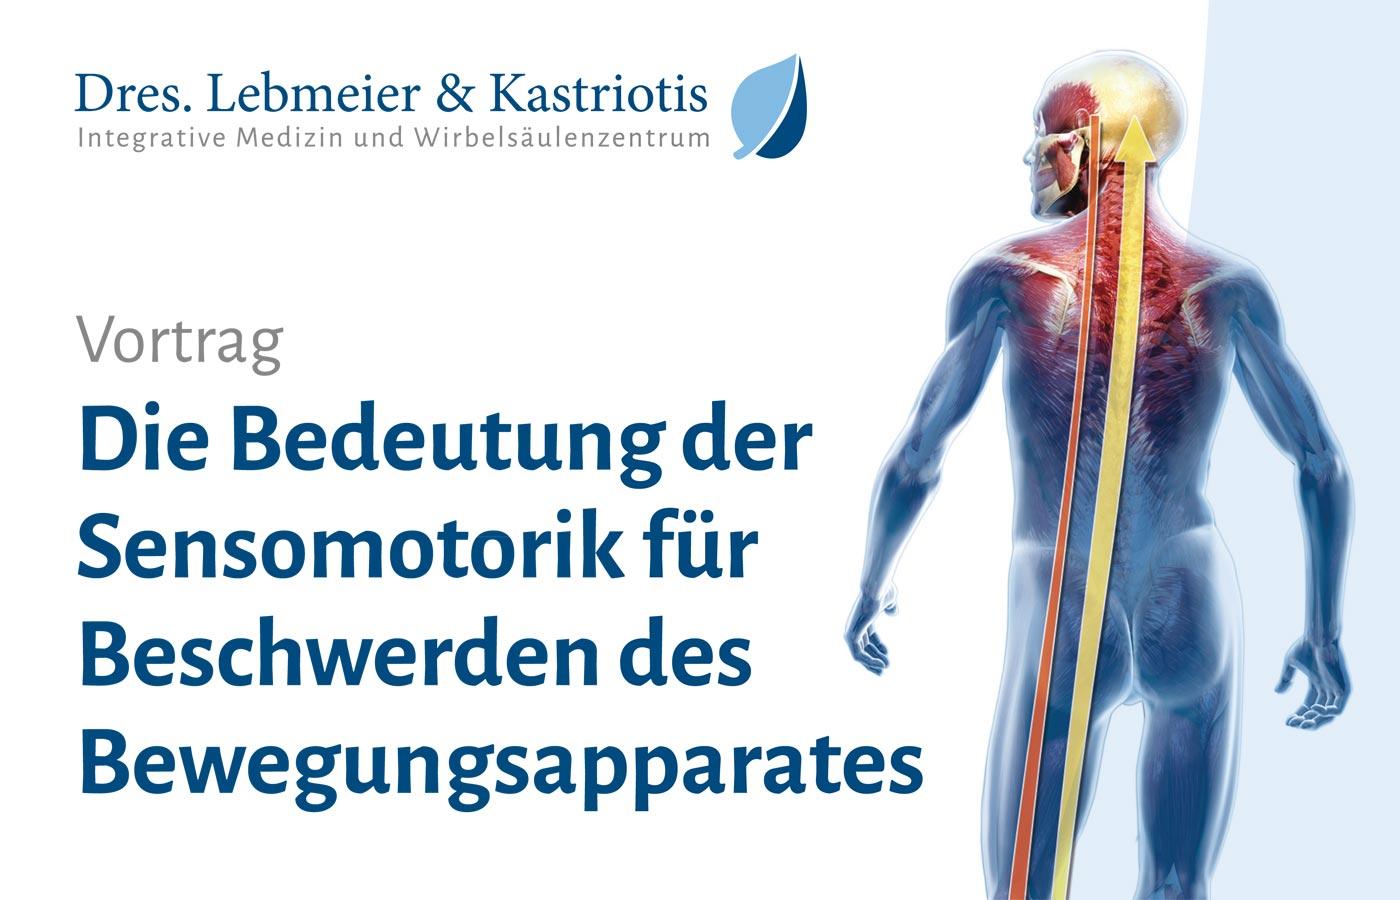 Charmant Die Bedeutung Der Menschlichen Anatomie Bilder - Anatomie ...